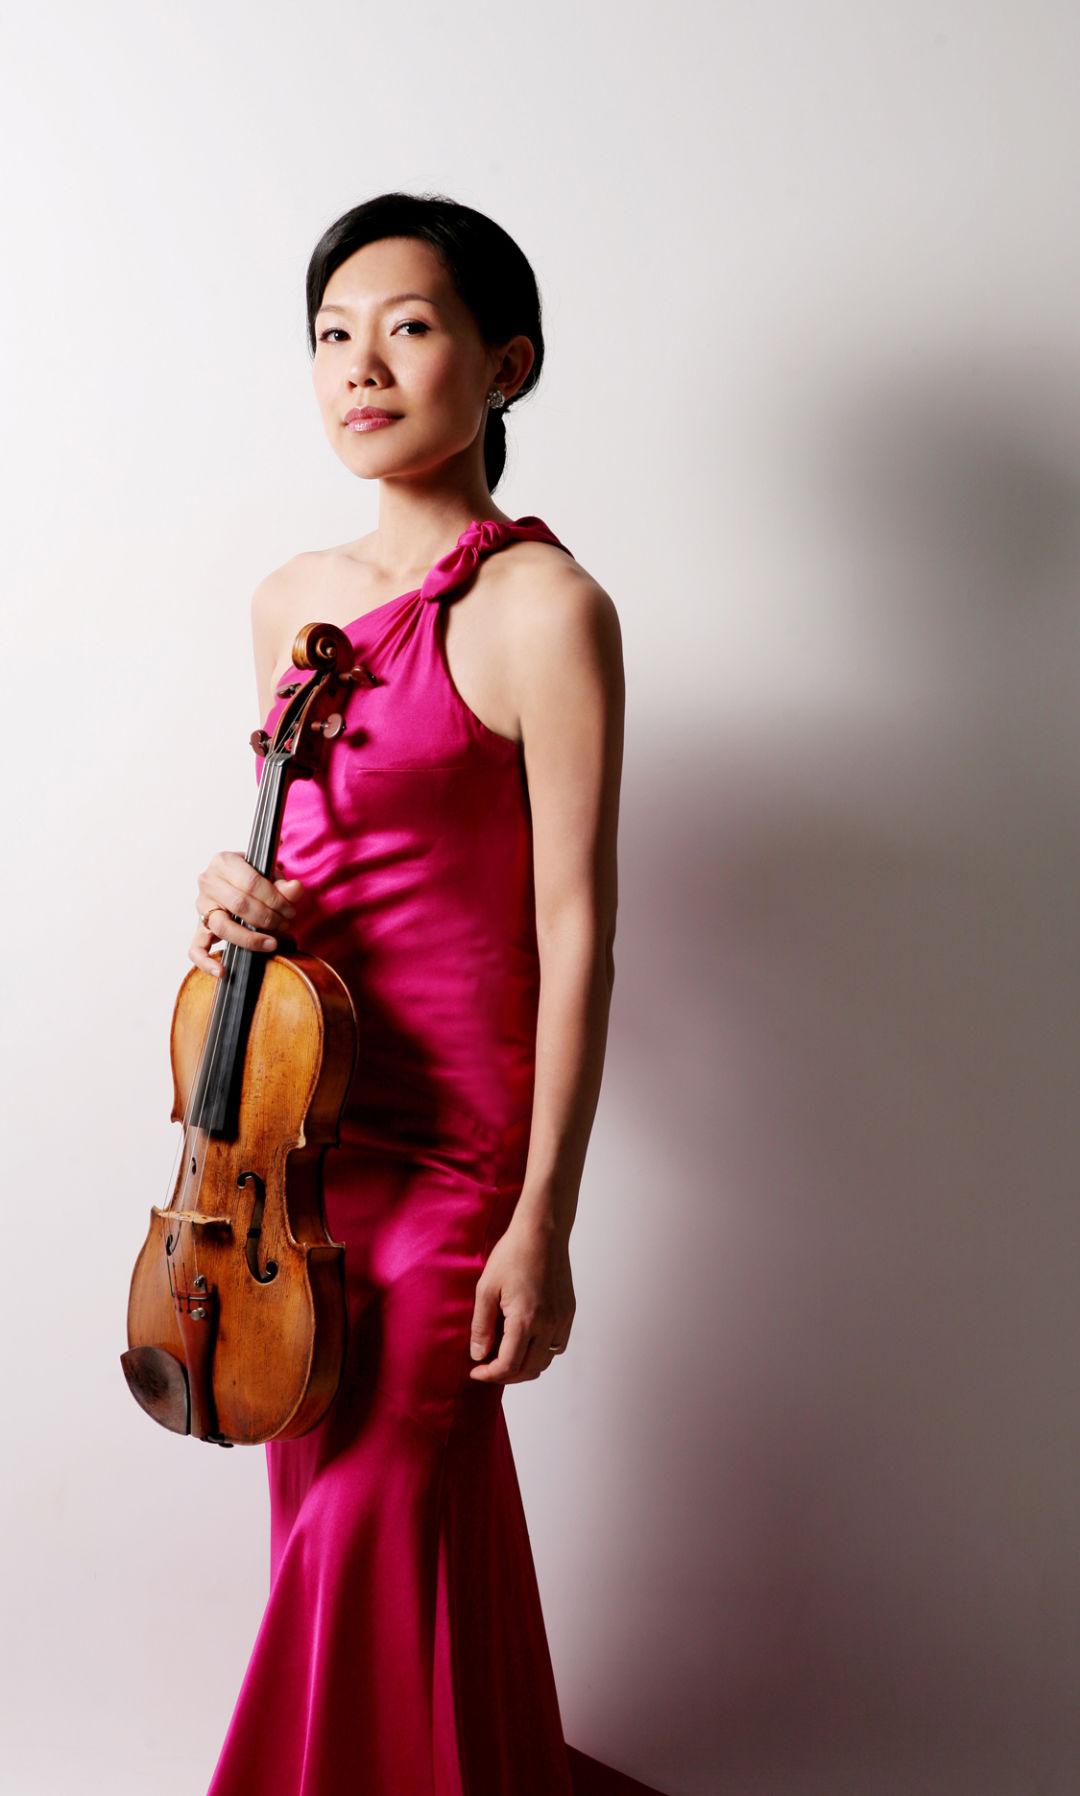 Hsin yun huang viola clvhbn